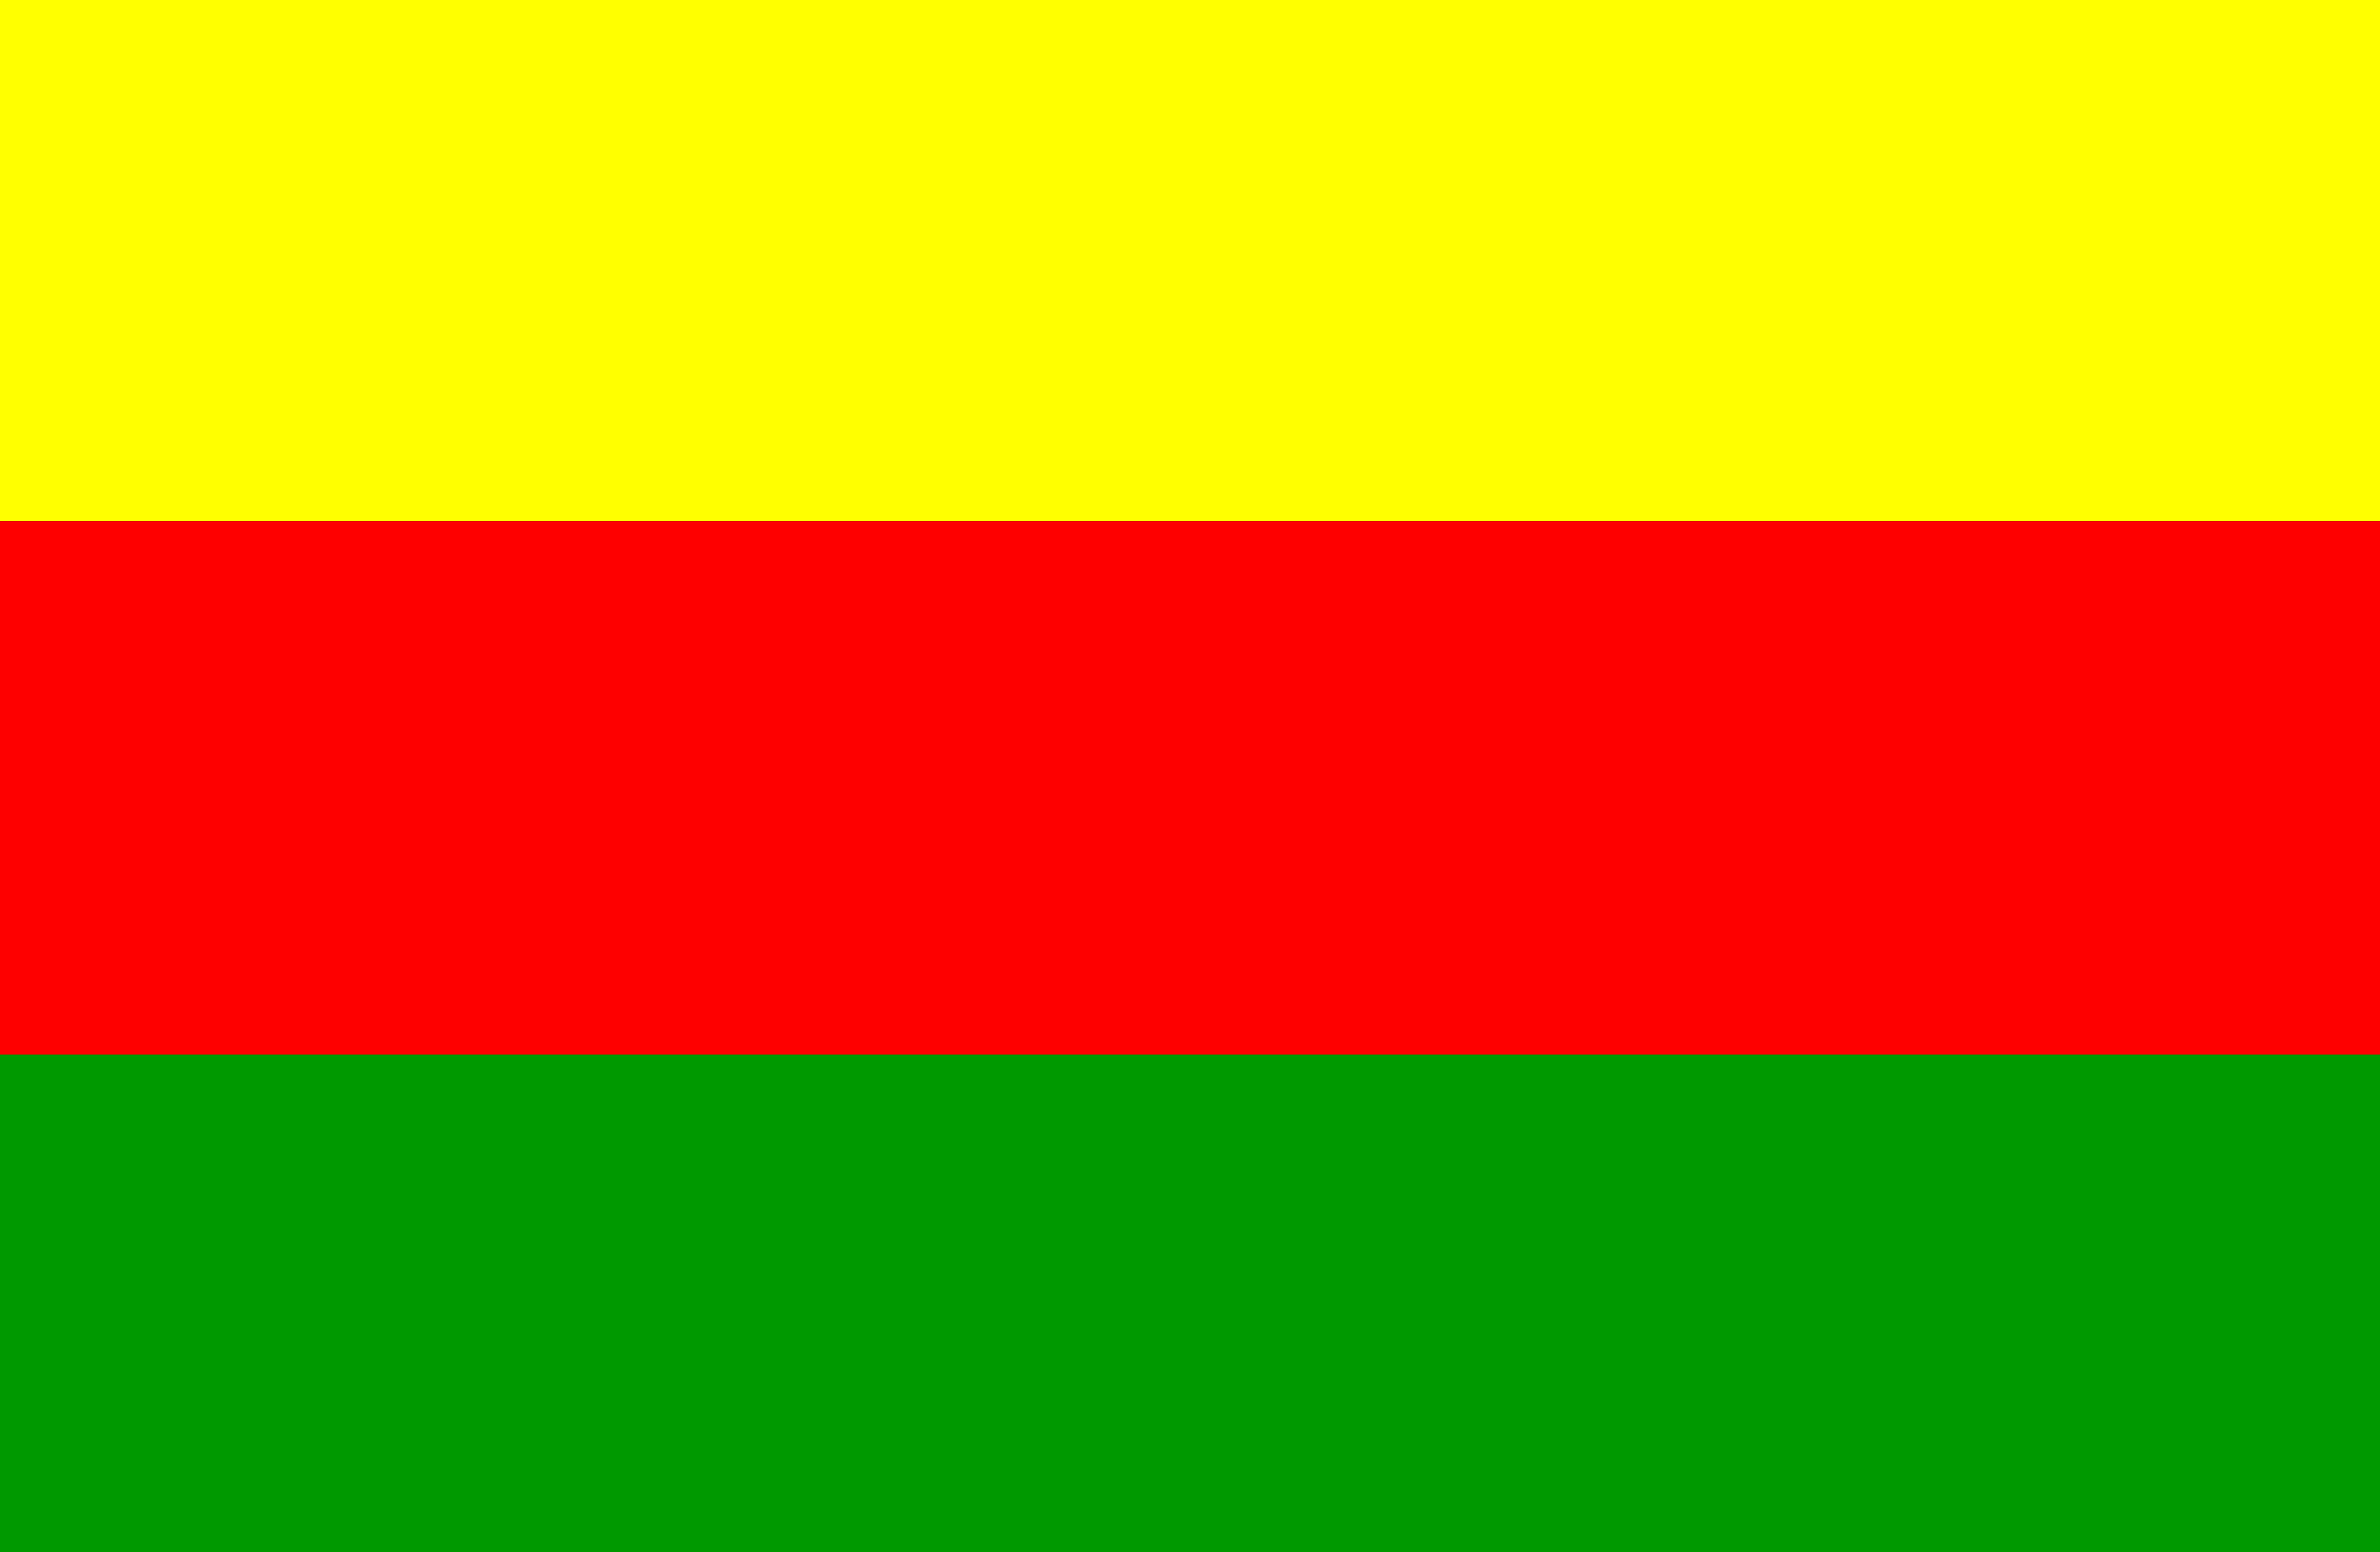 flag of rojava kurdistan free images at clker com confederate clip art to color Civil War Confederate Flag